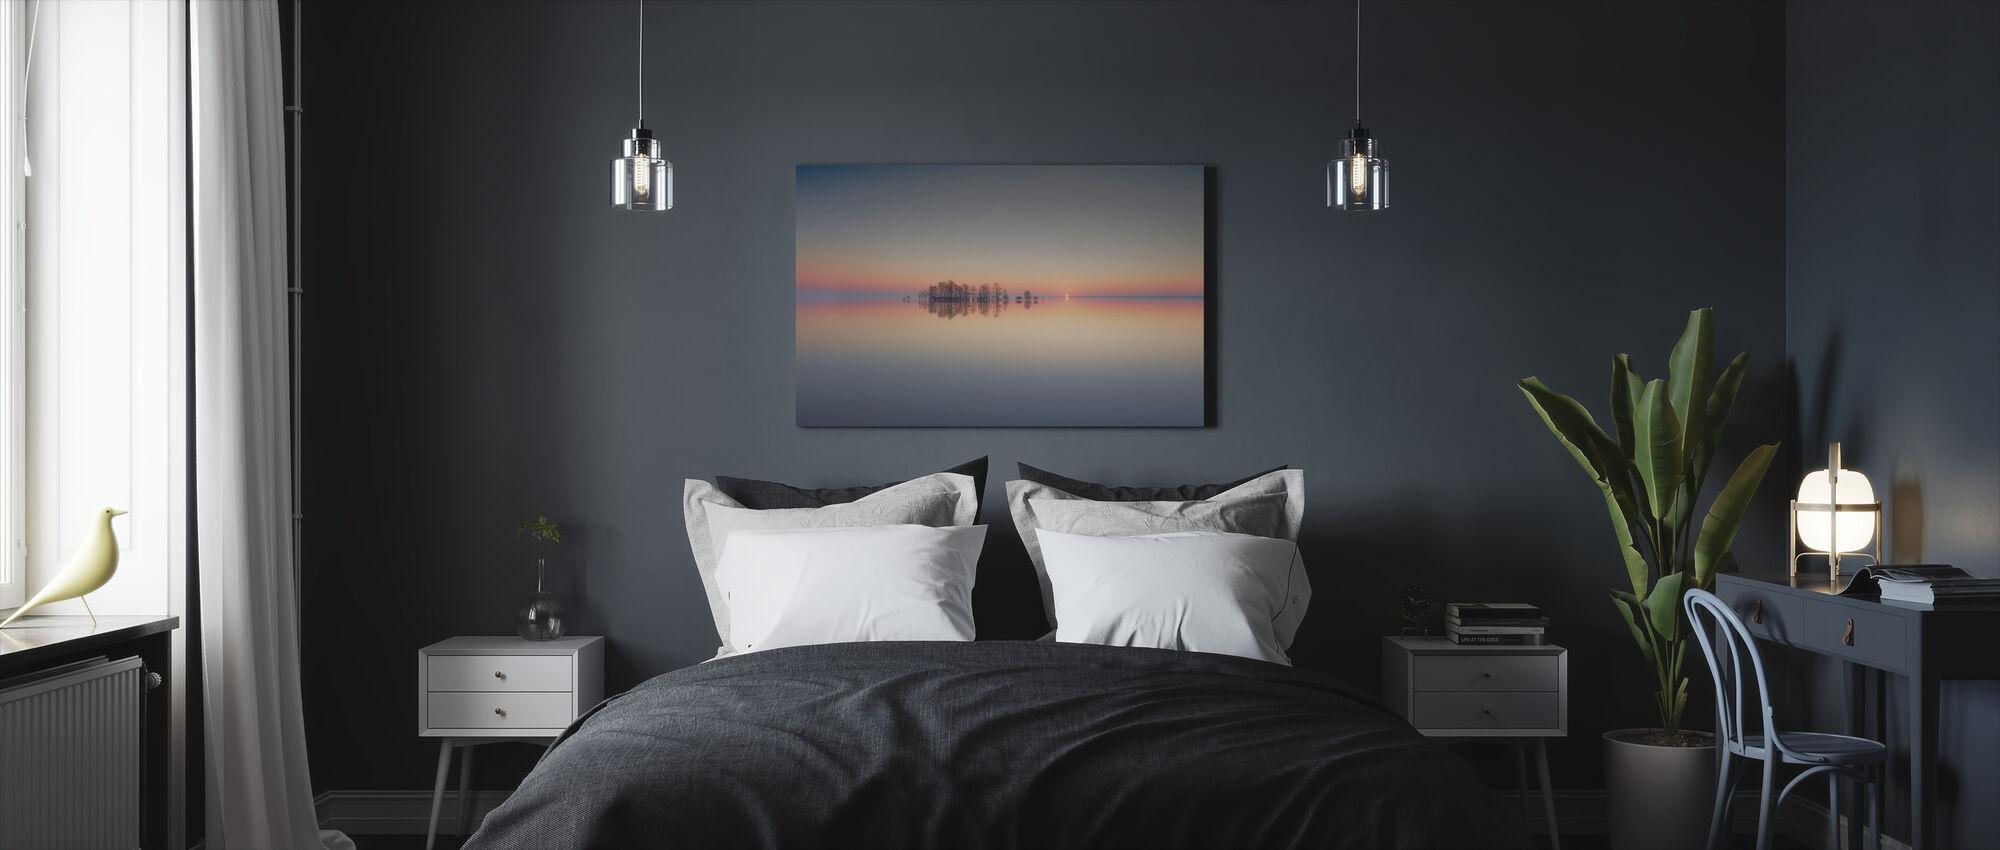 Dawn at Lake Mattamuskeet - Canvas print - Bedroom